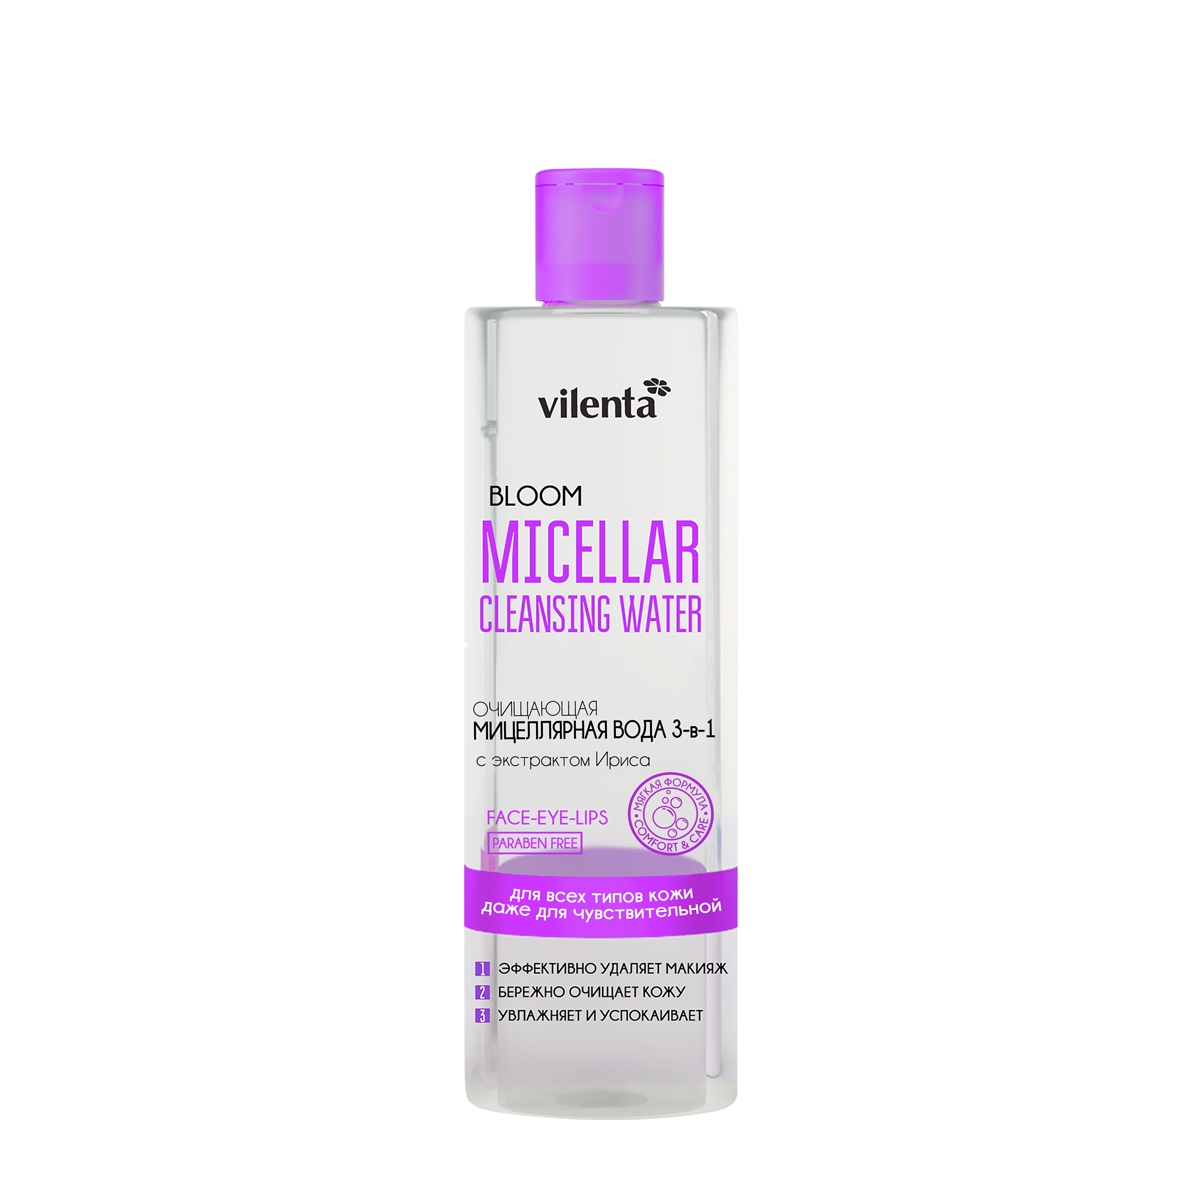 Vilenta Мицеллярная вода для снятия макияжа Bloom, 200 млУТ000001875Средство 3в1 для снятия даже стойкого макияжа на основе мицеллярной технологии, обогащенное увлажняющими и успокаивающими активными компонентами, эффективно удаляет макияж с лица, глаз и губ, бережно очищает кожу от загрязнений, не нарушая ее естественный защитный барьер.